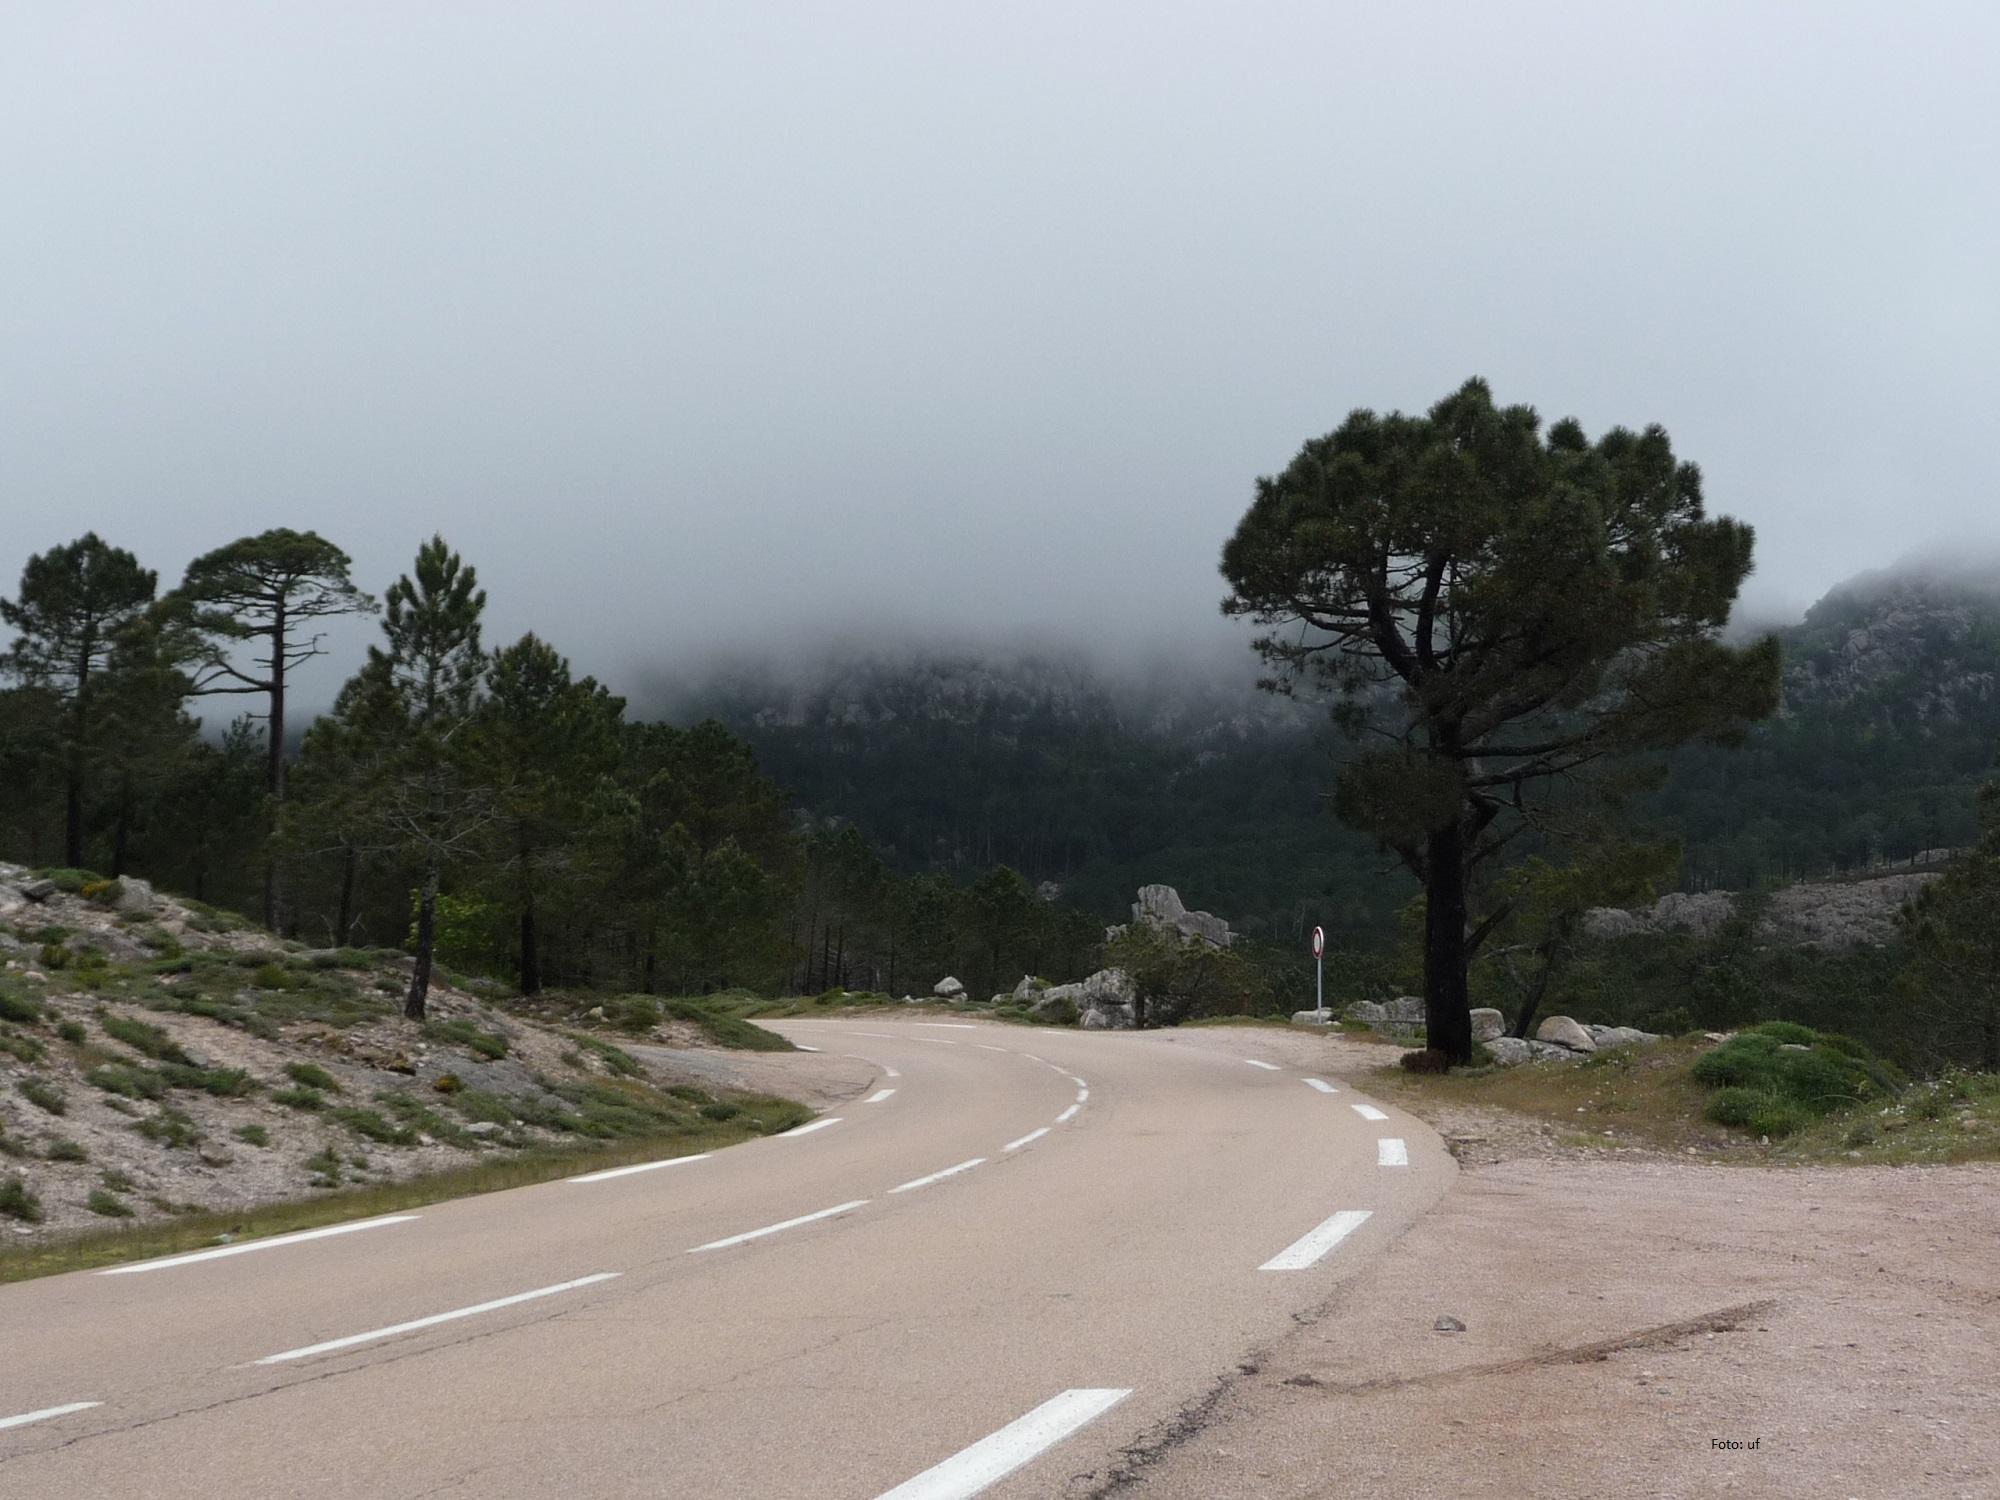 Wir sind auf dem Pass angekommen - Nebel und 7 Grad